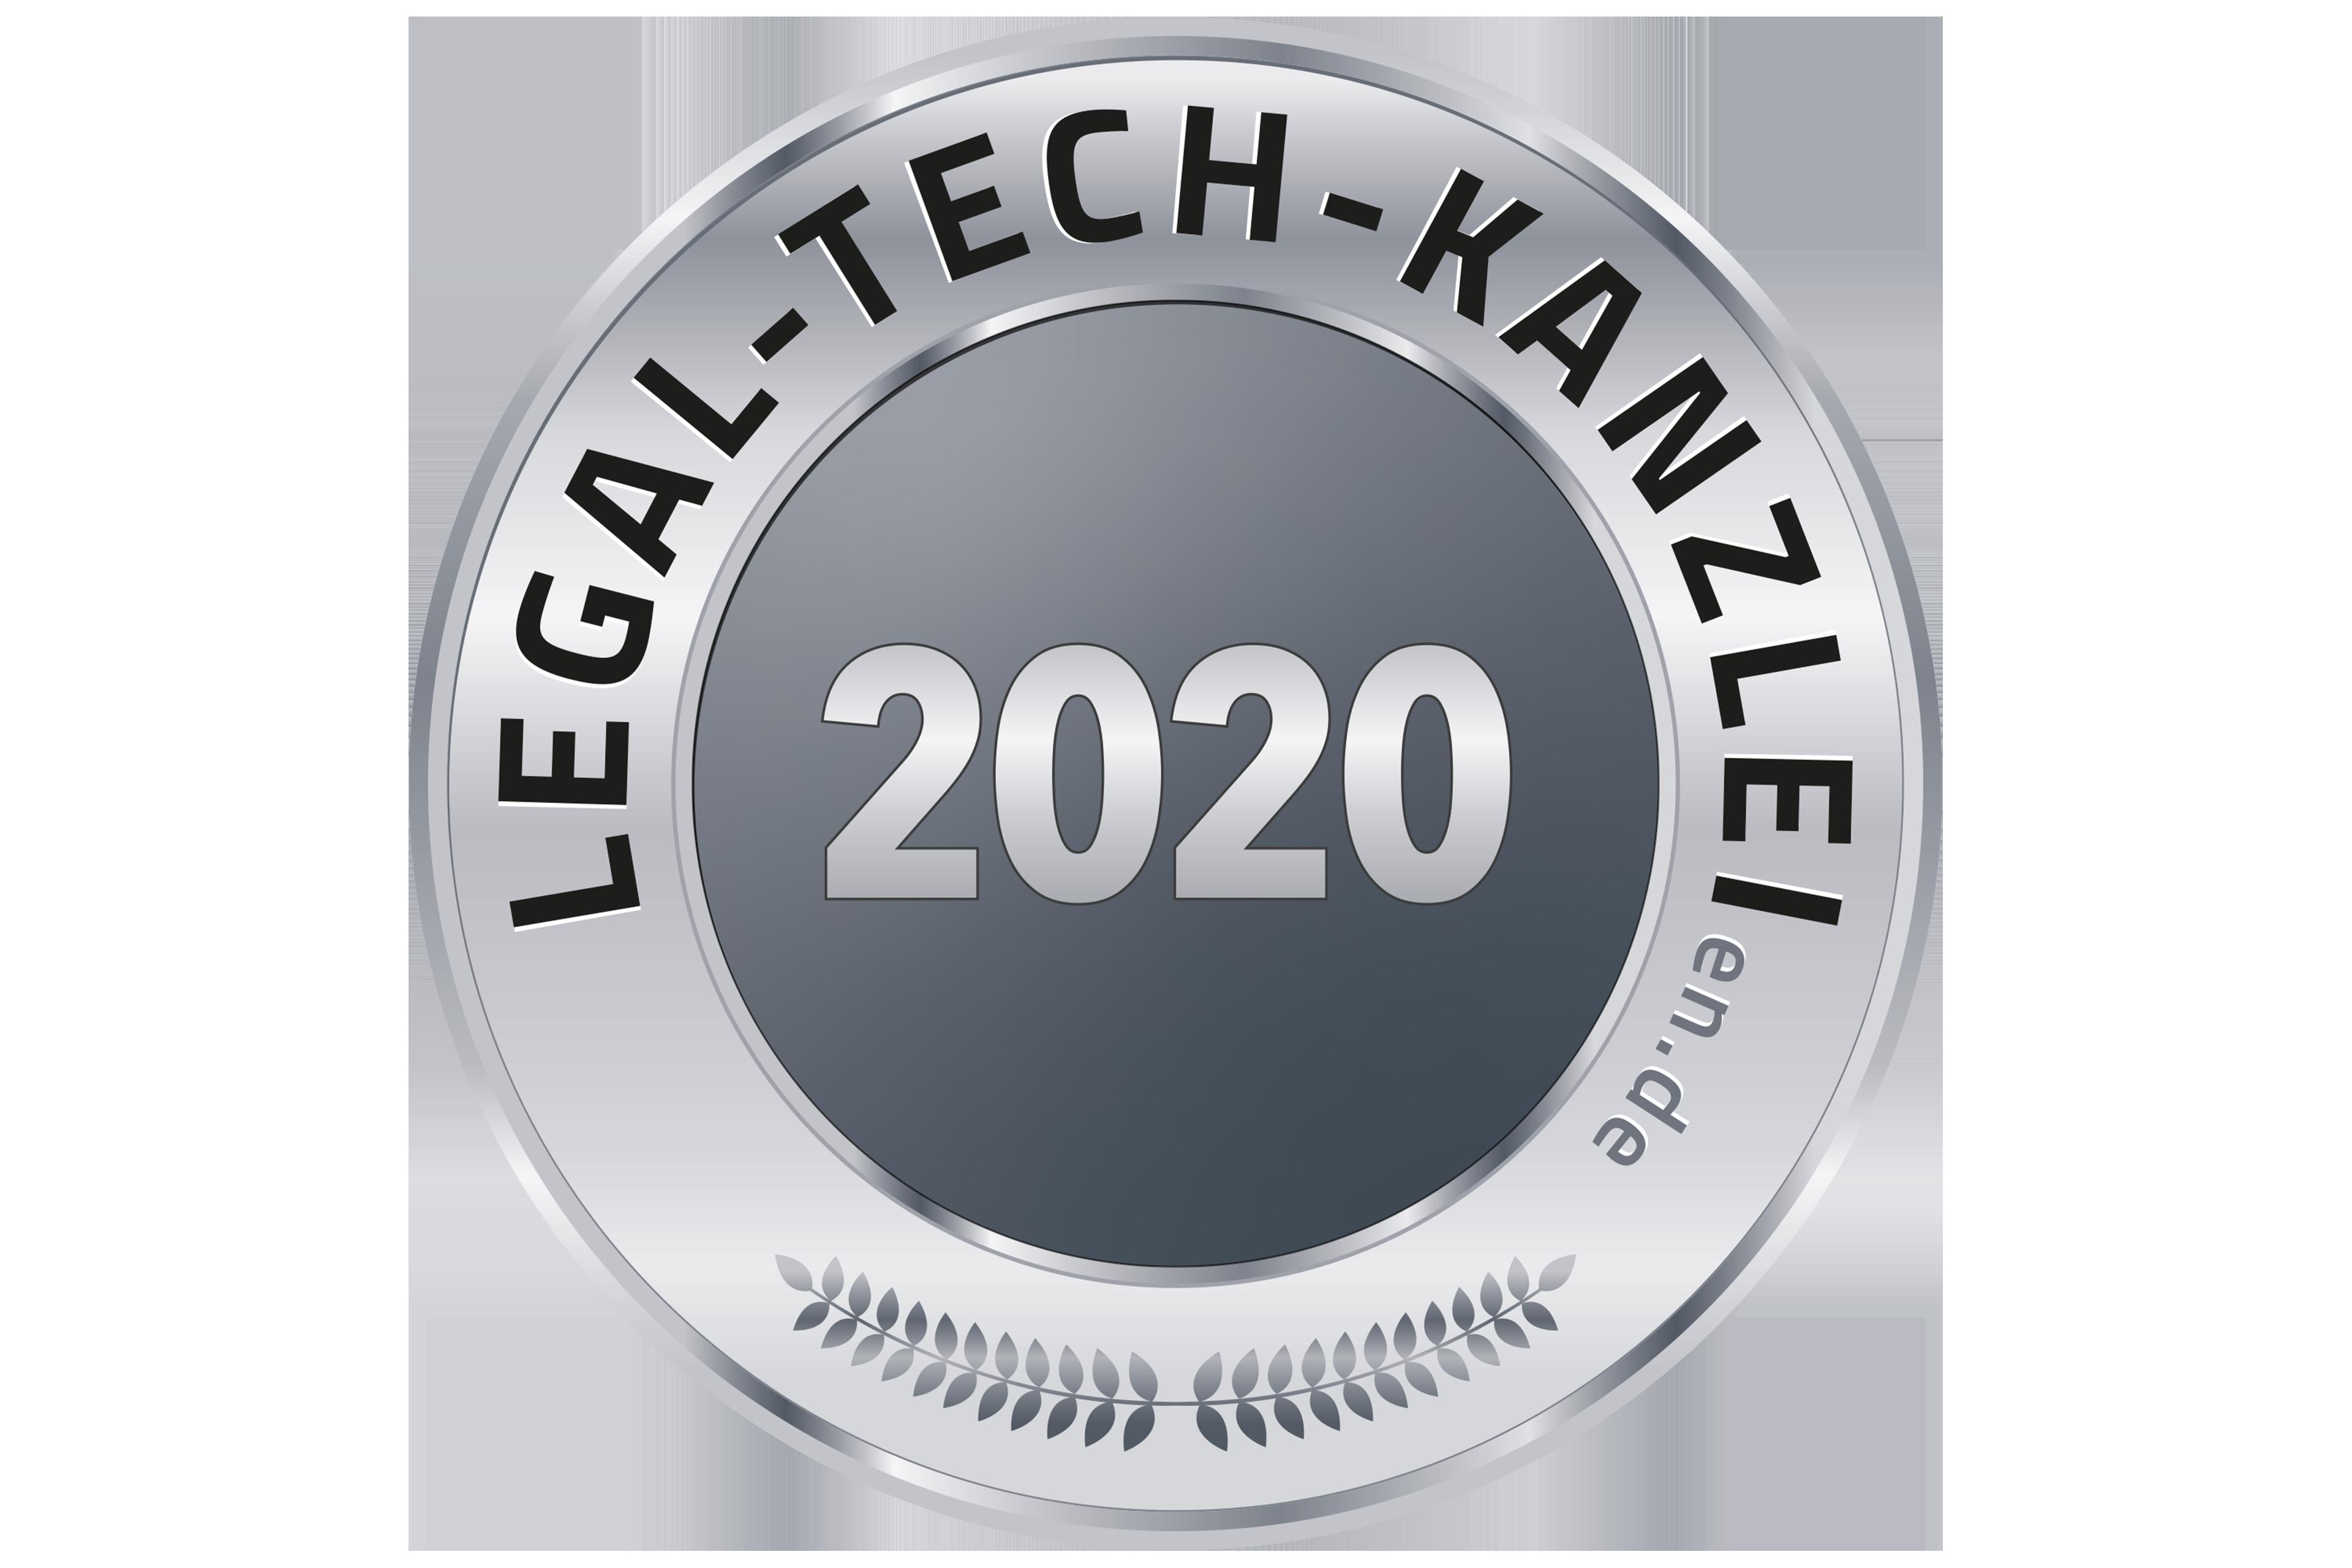 Legal Tech Kanzlei 2020